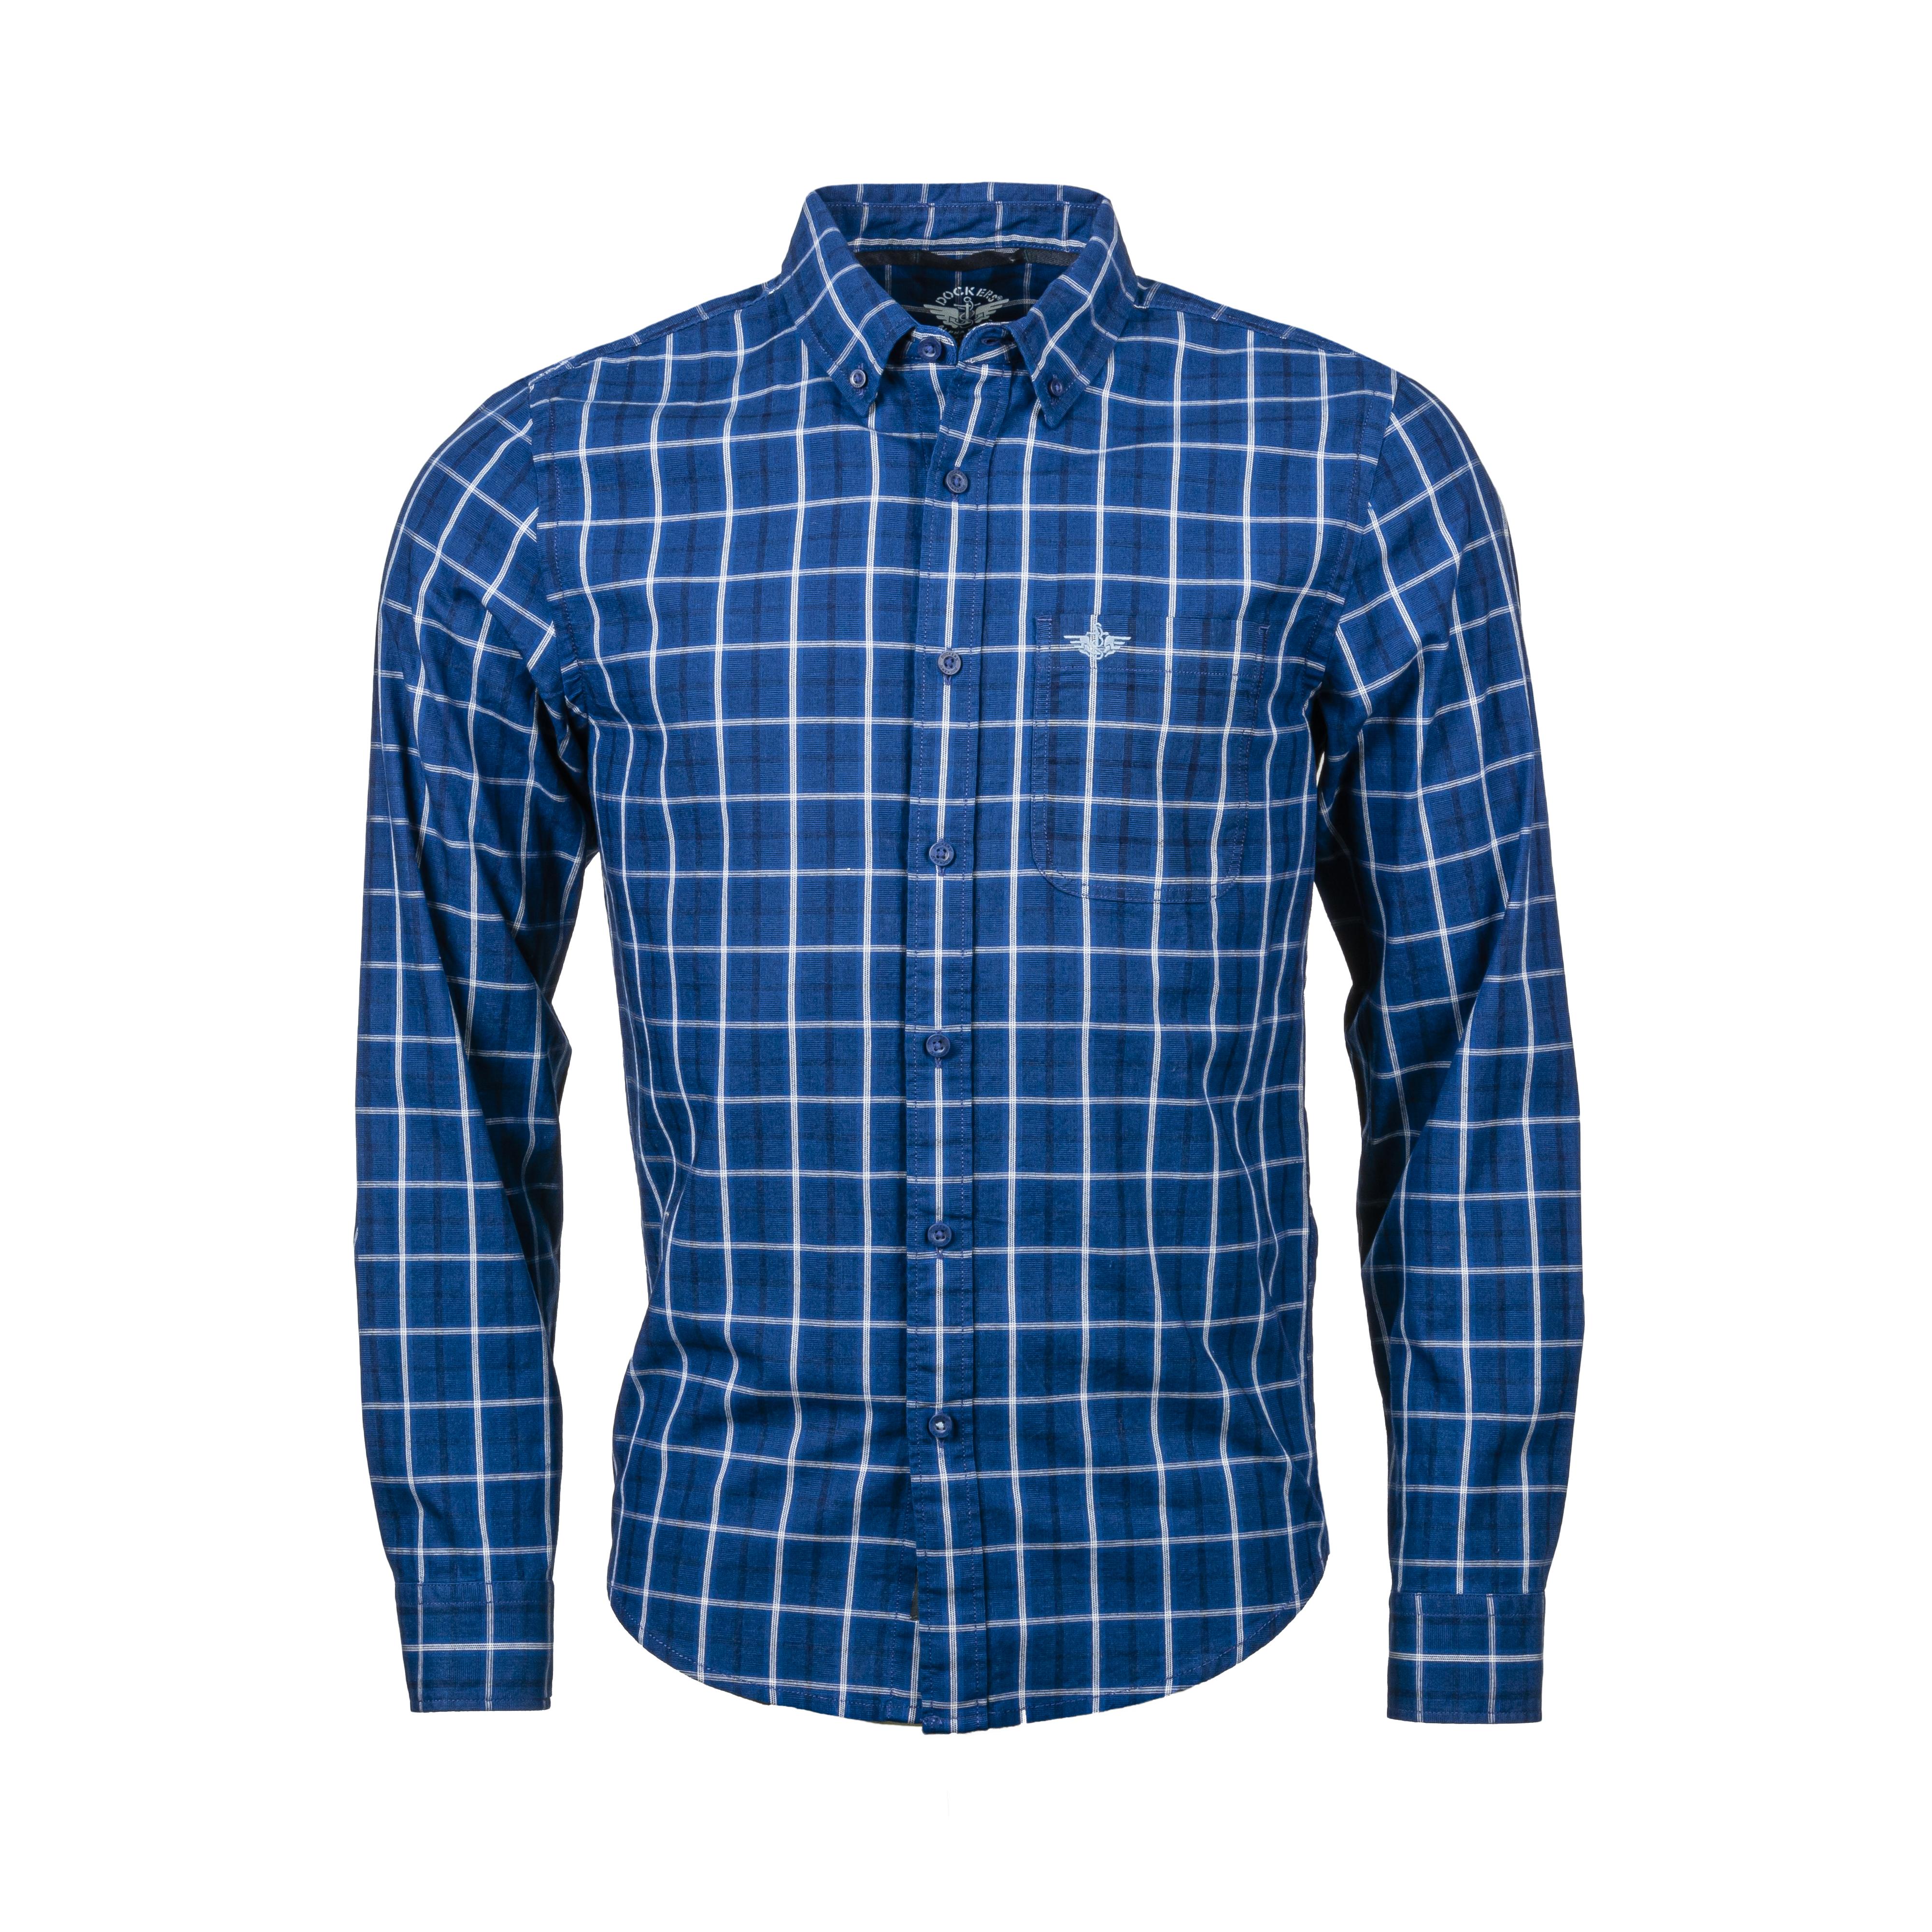 Chemise ajustée  alpha icon en coton à carreaux bleu marine